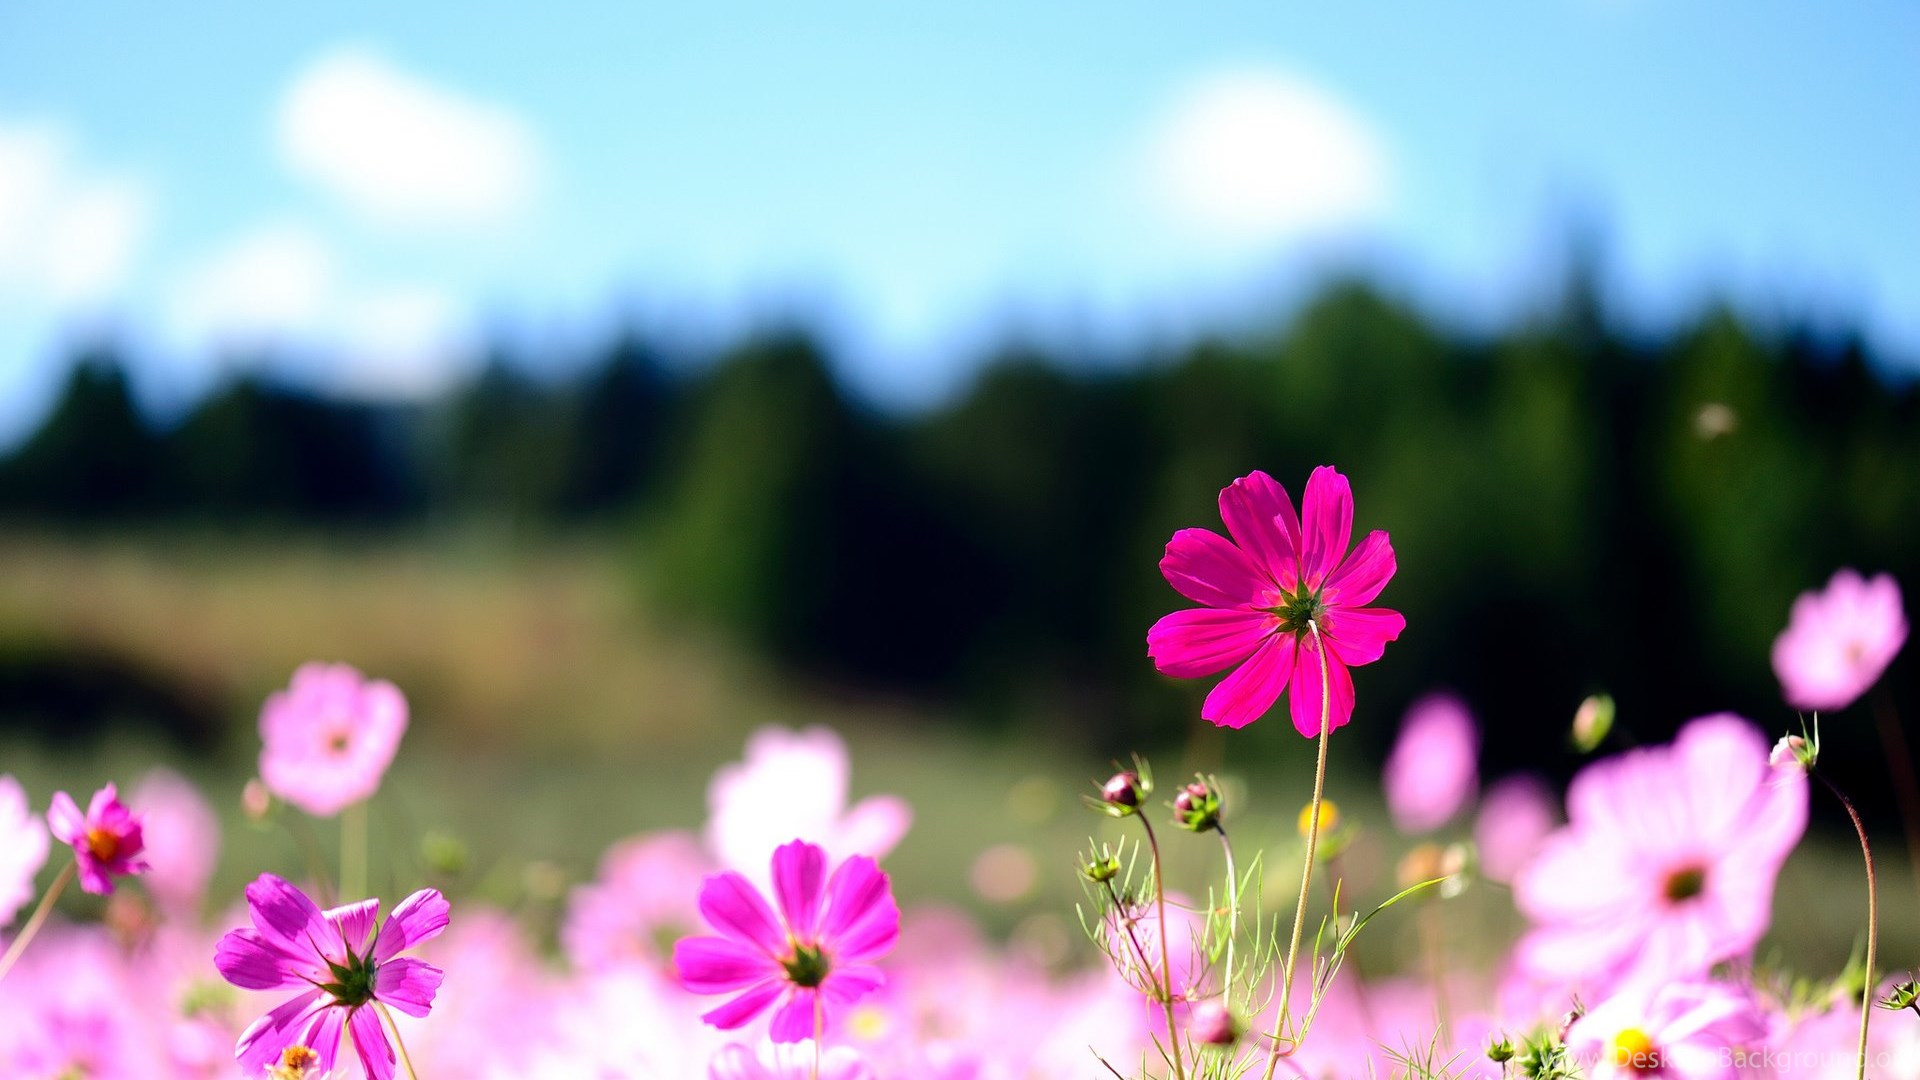 Floral Desktop Backgrounds Hd Wallpapers Desktop Wallpapers